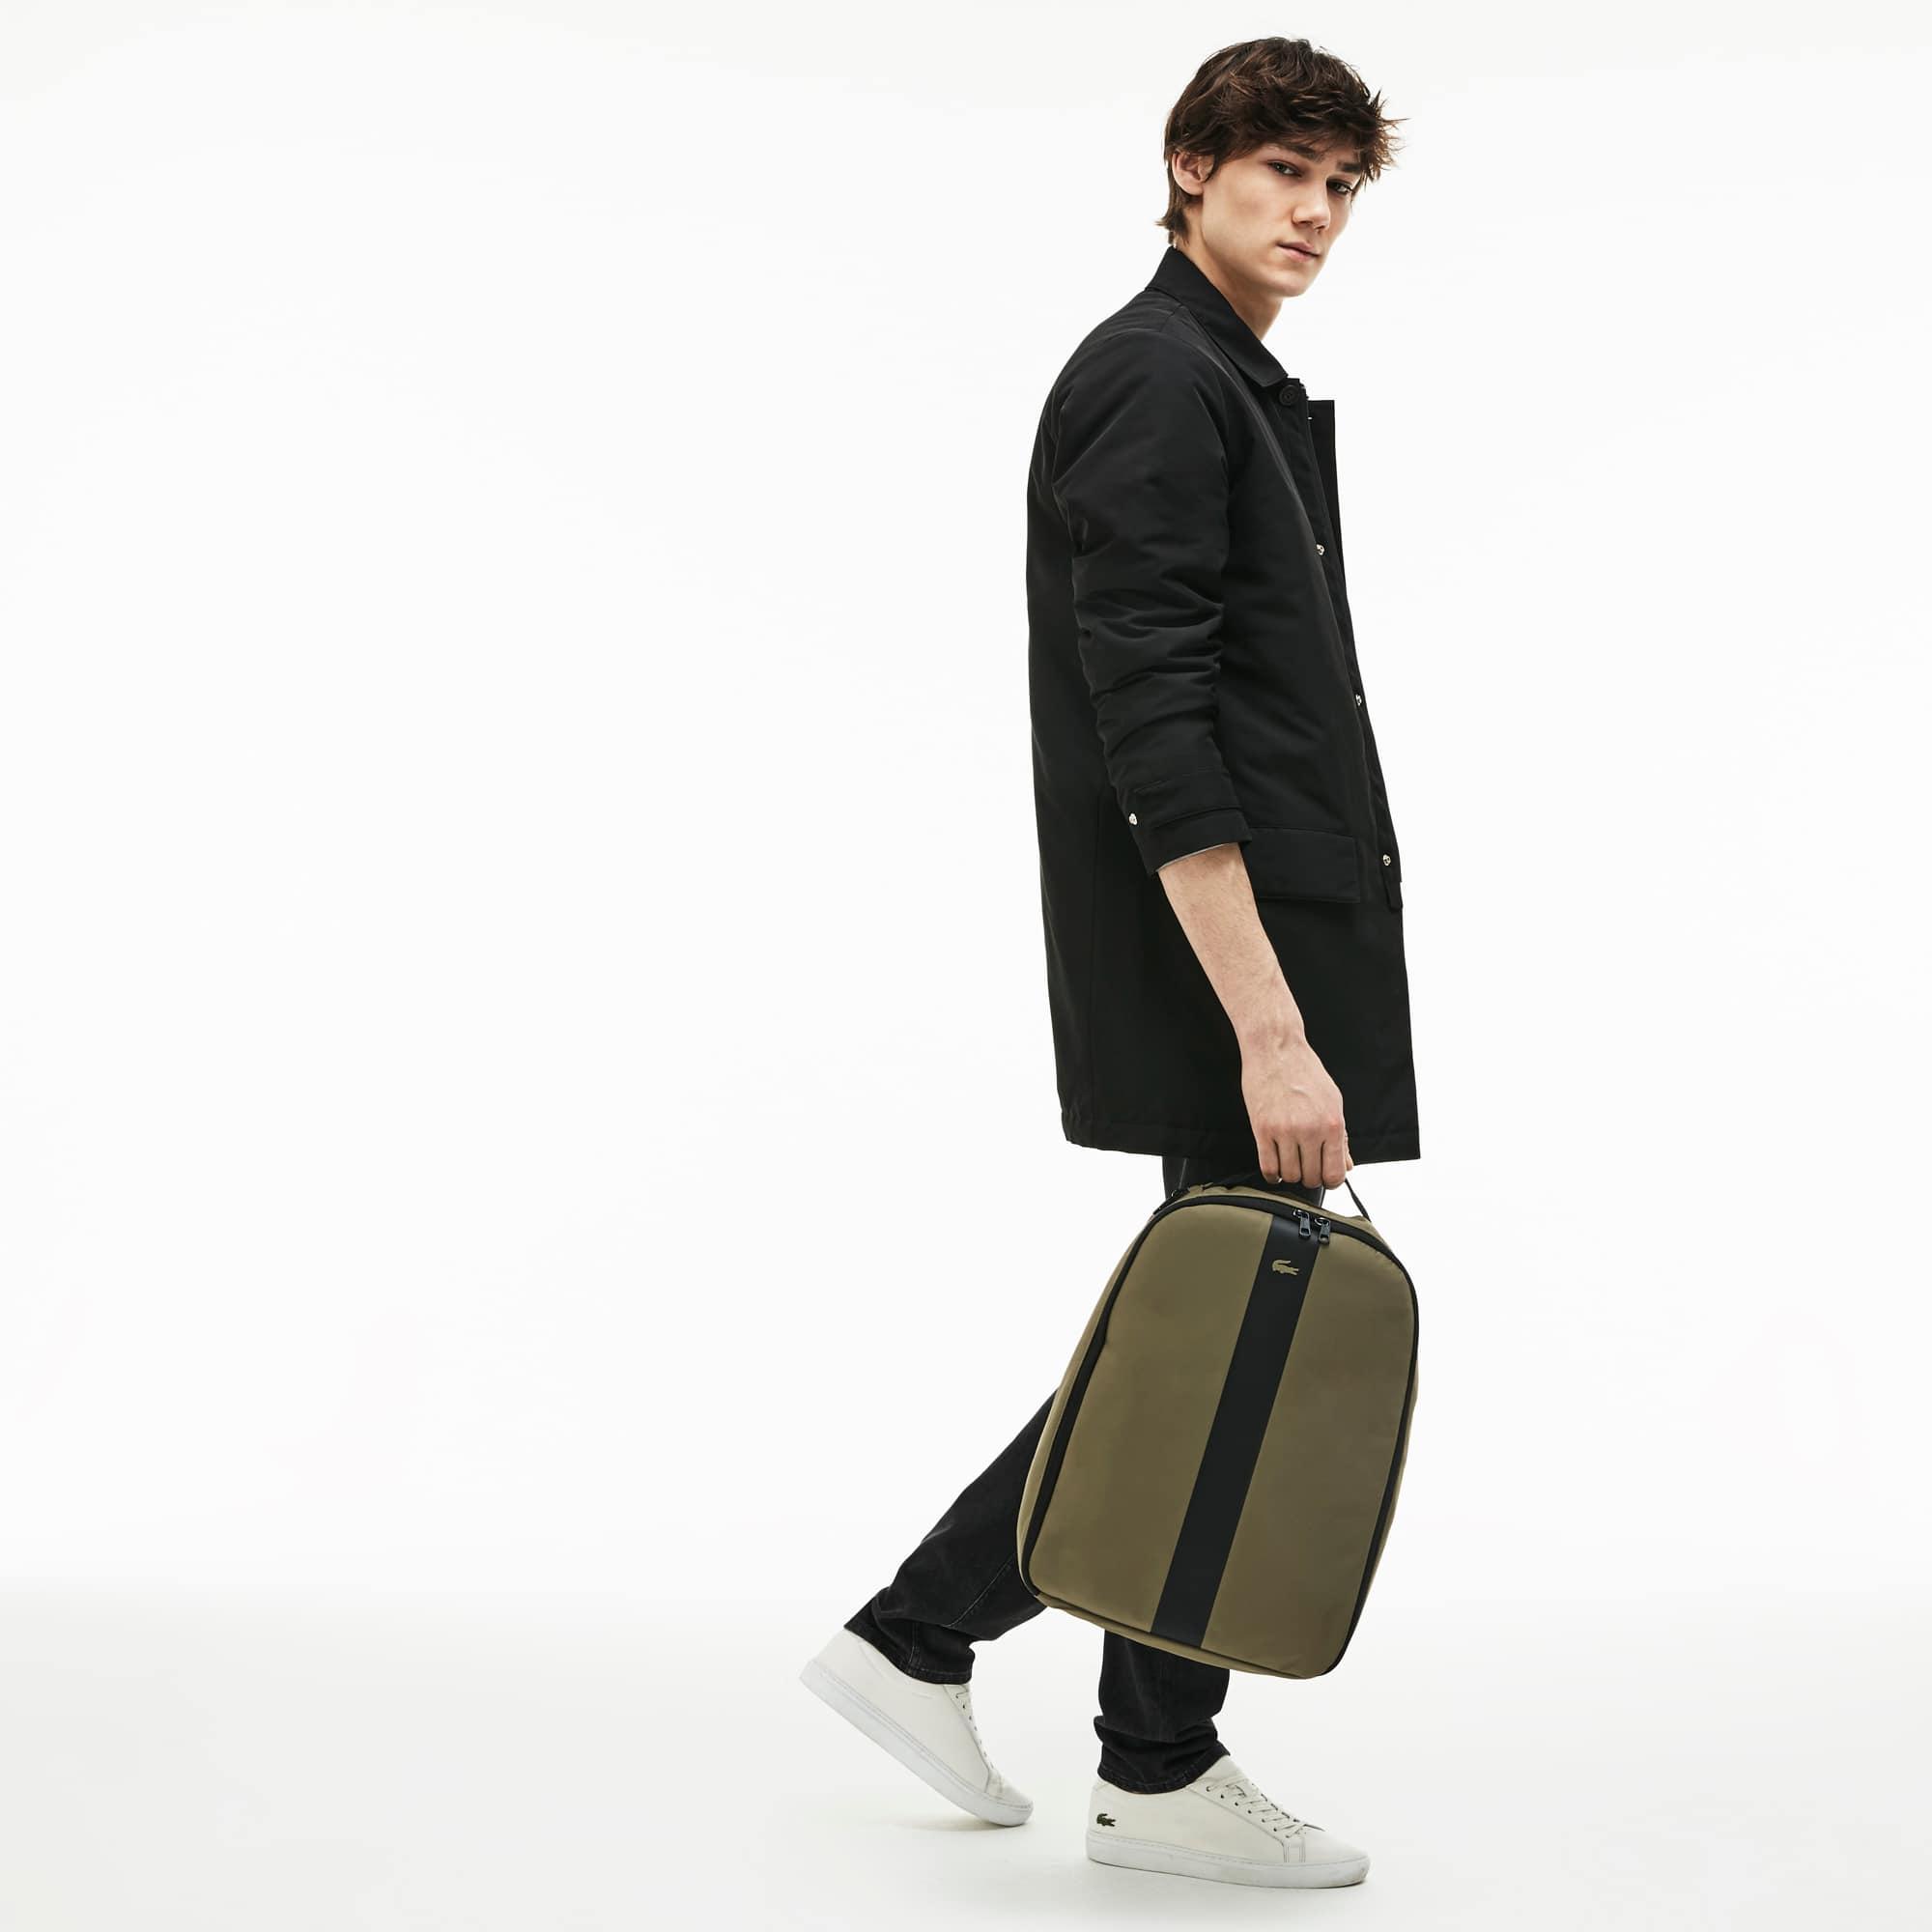 حقيبة ظهر حضرية من النايلون بنطاقين متباينين